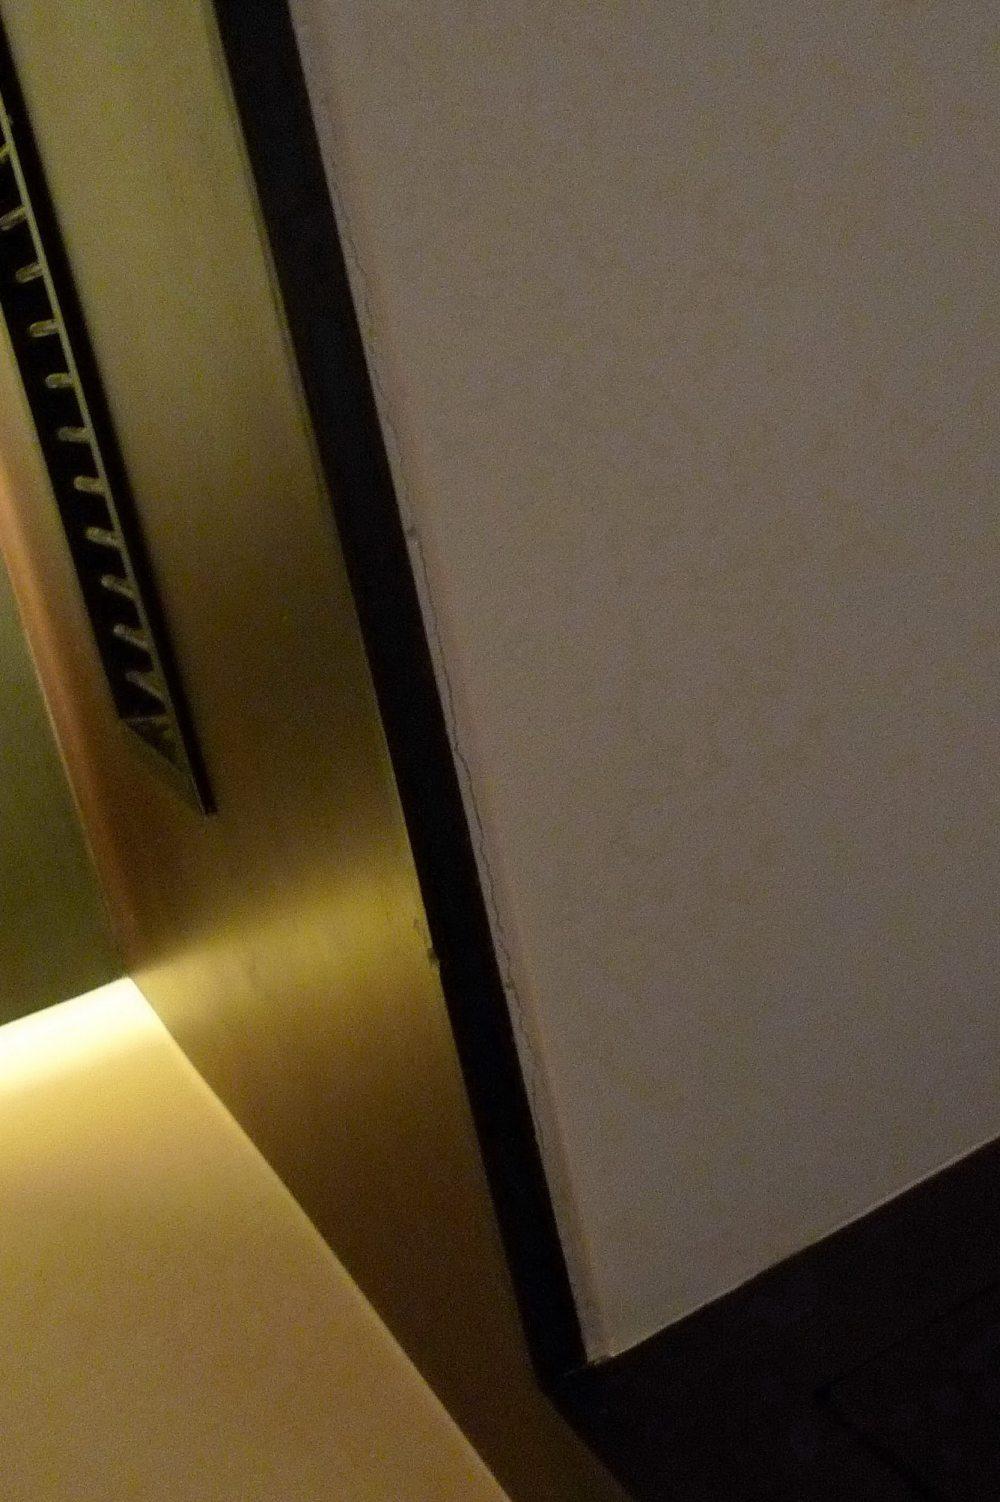 云南丽江铂尔曼渡假酒店(Lijiang Pullman Hotel)(CCD)(第8页更新)_P1010686.jpg